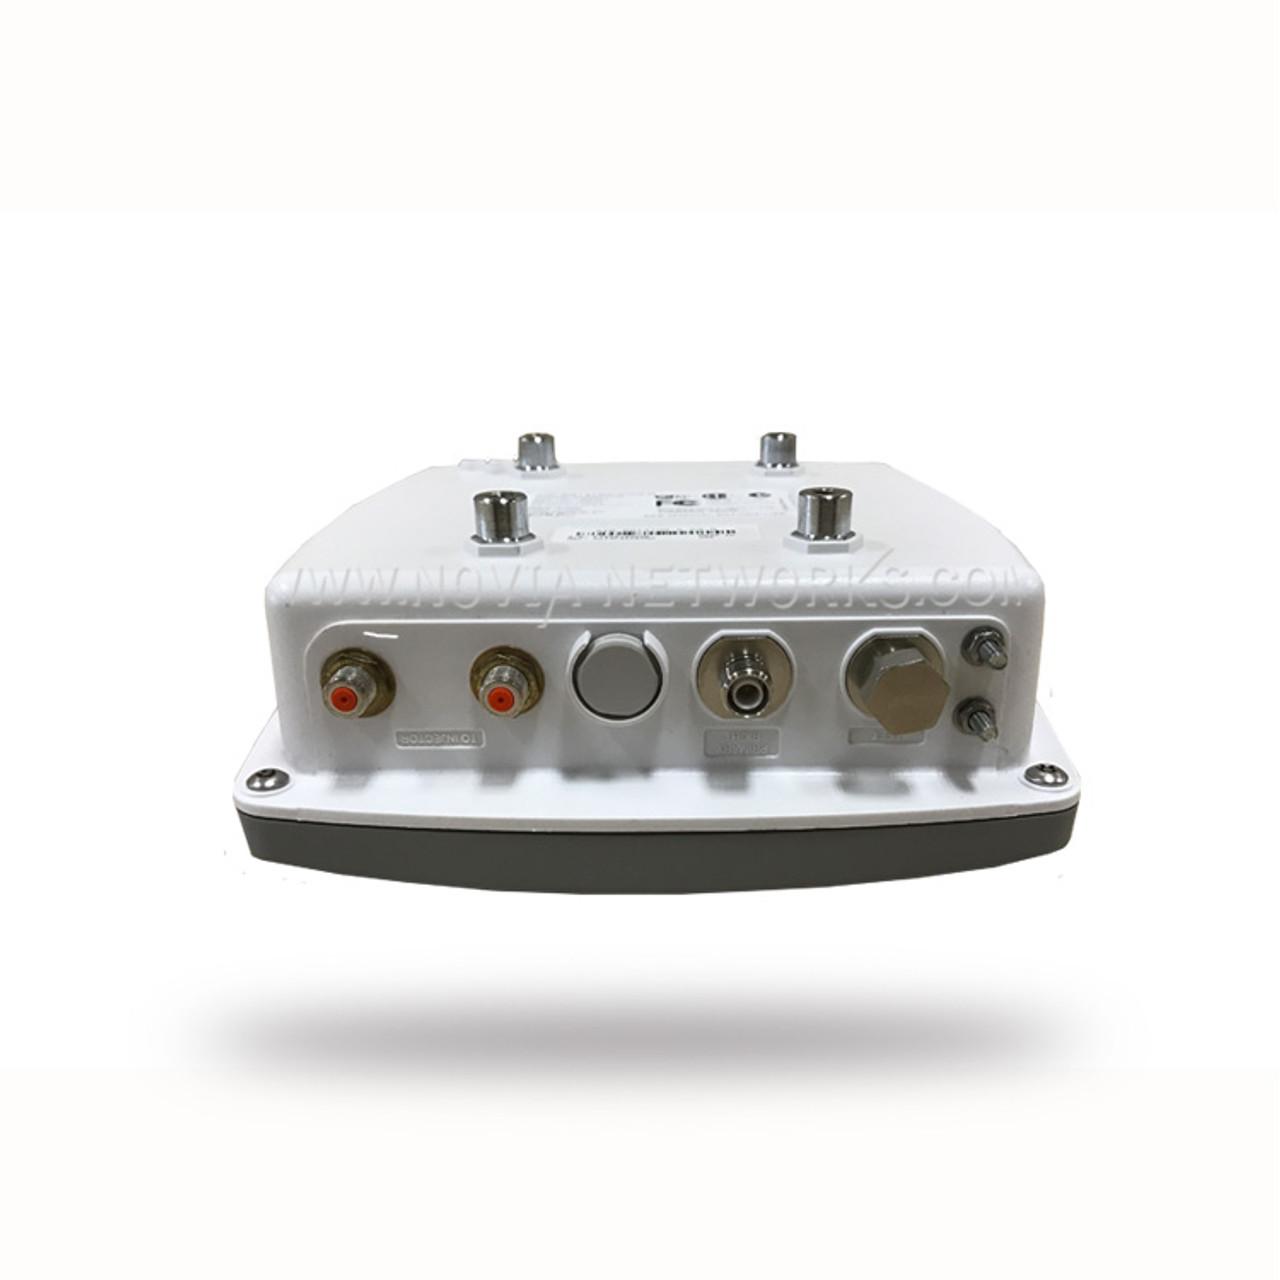 AIR-BR1310G-A-K9-R Ports